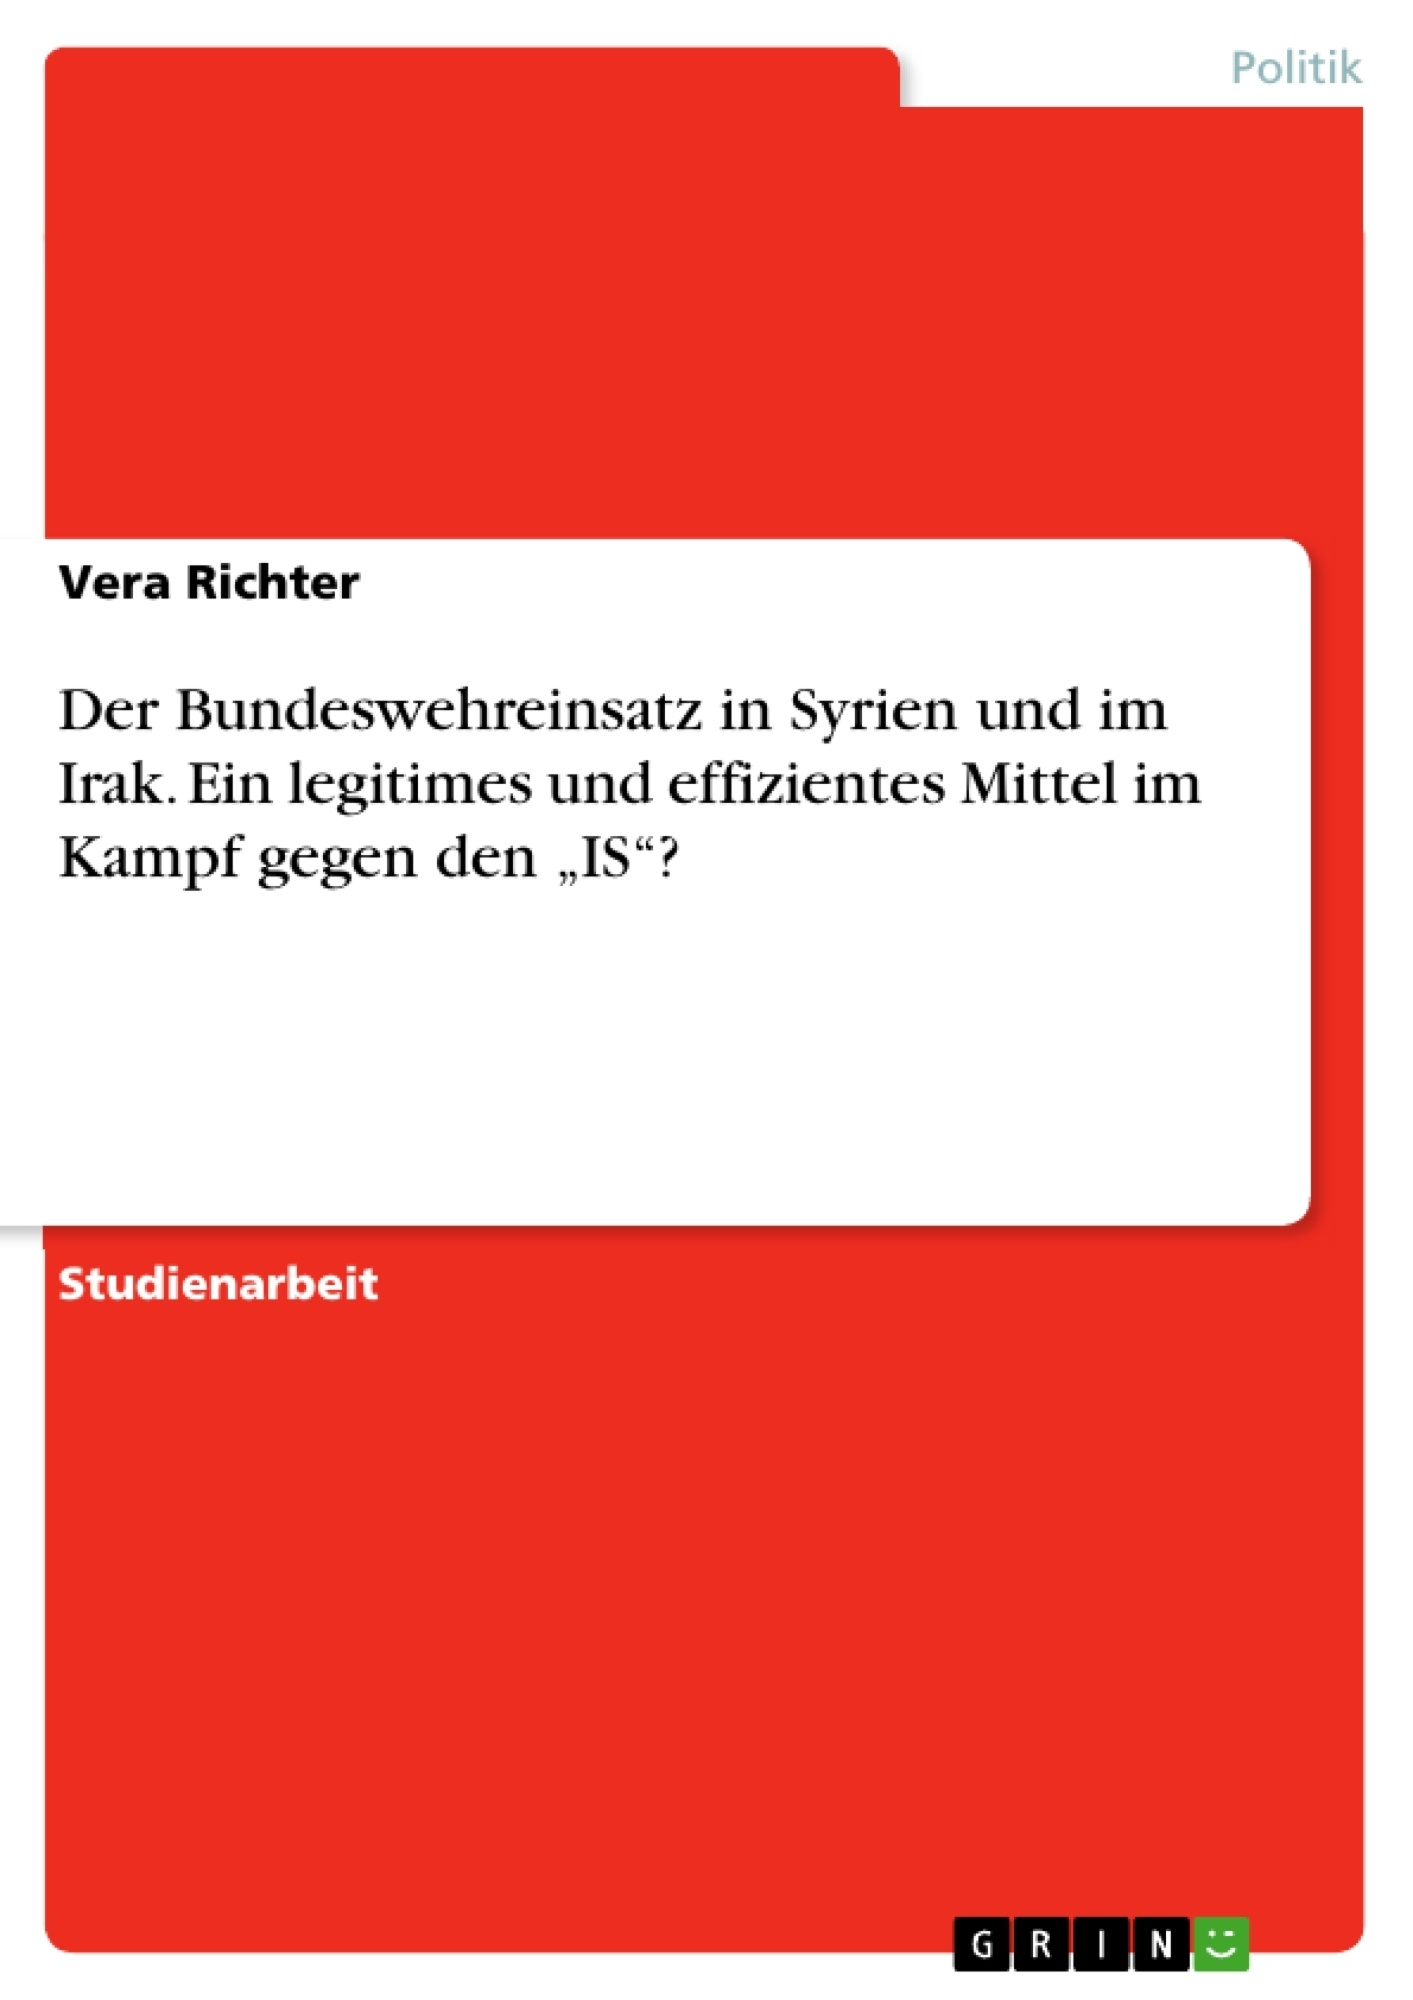 """Titel: Der Bundeswehreinsatz in Syrien und im Irak. Ein legitimes und effizientes Mittel im Kampf gegen den """"IS""""?"""